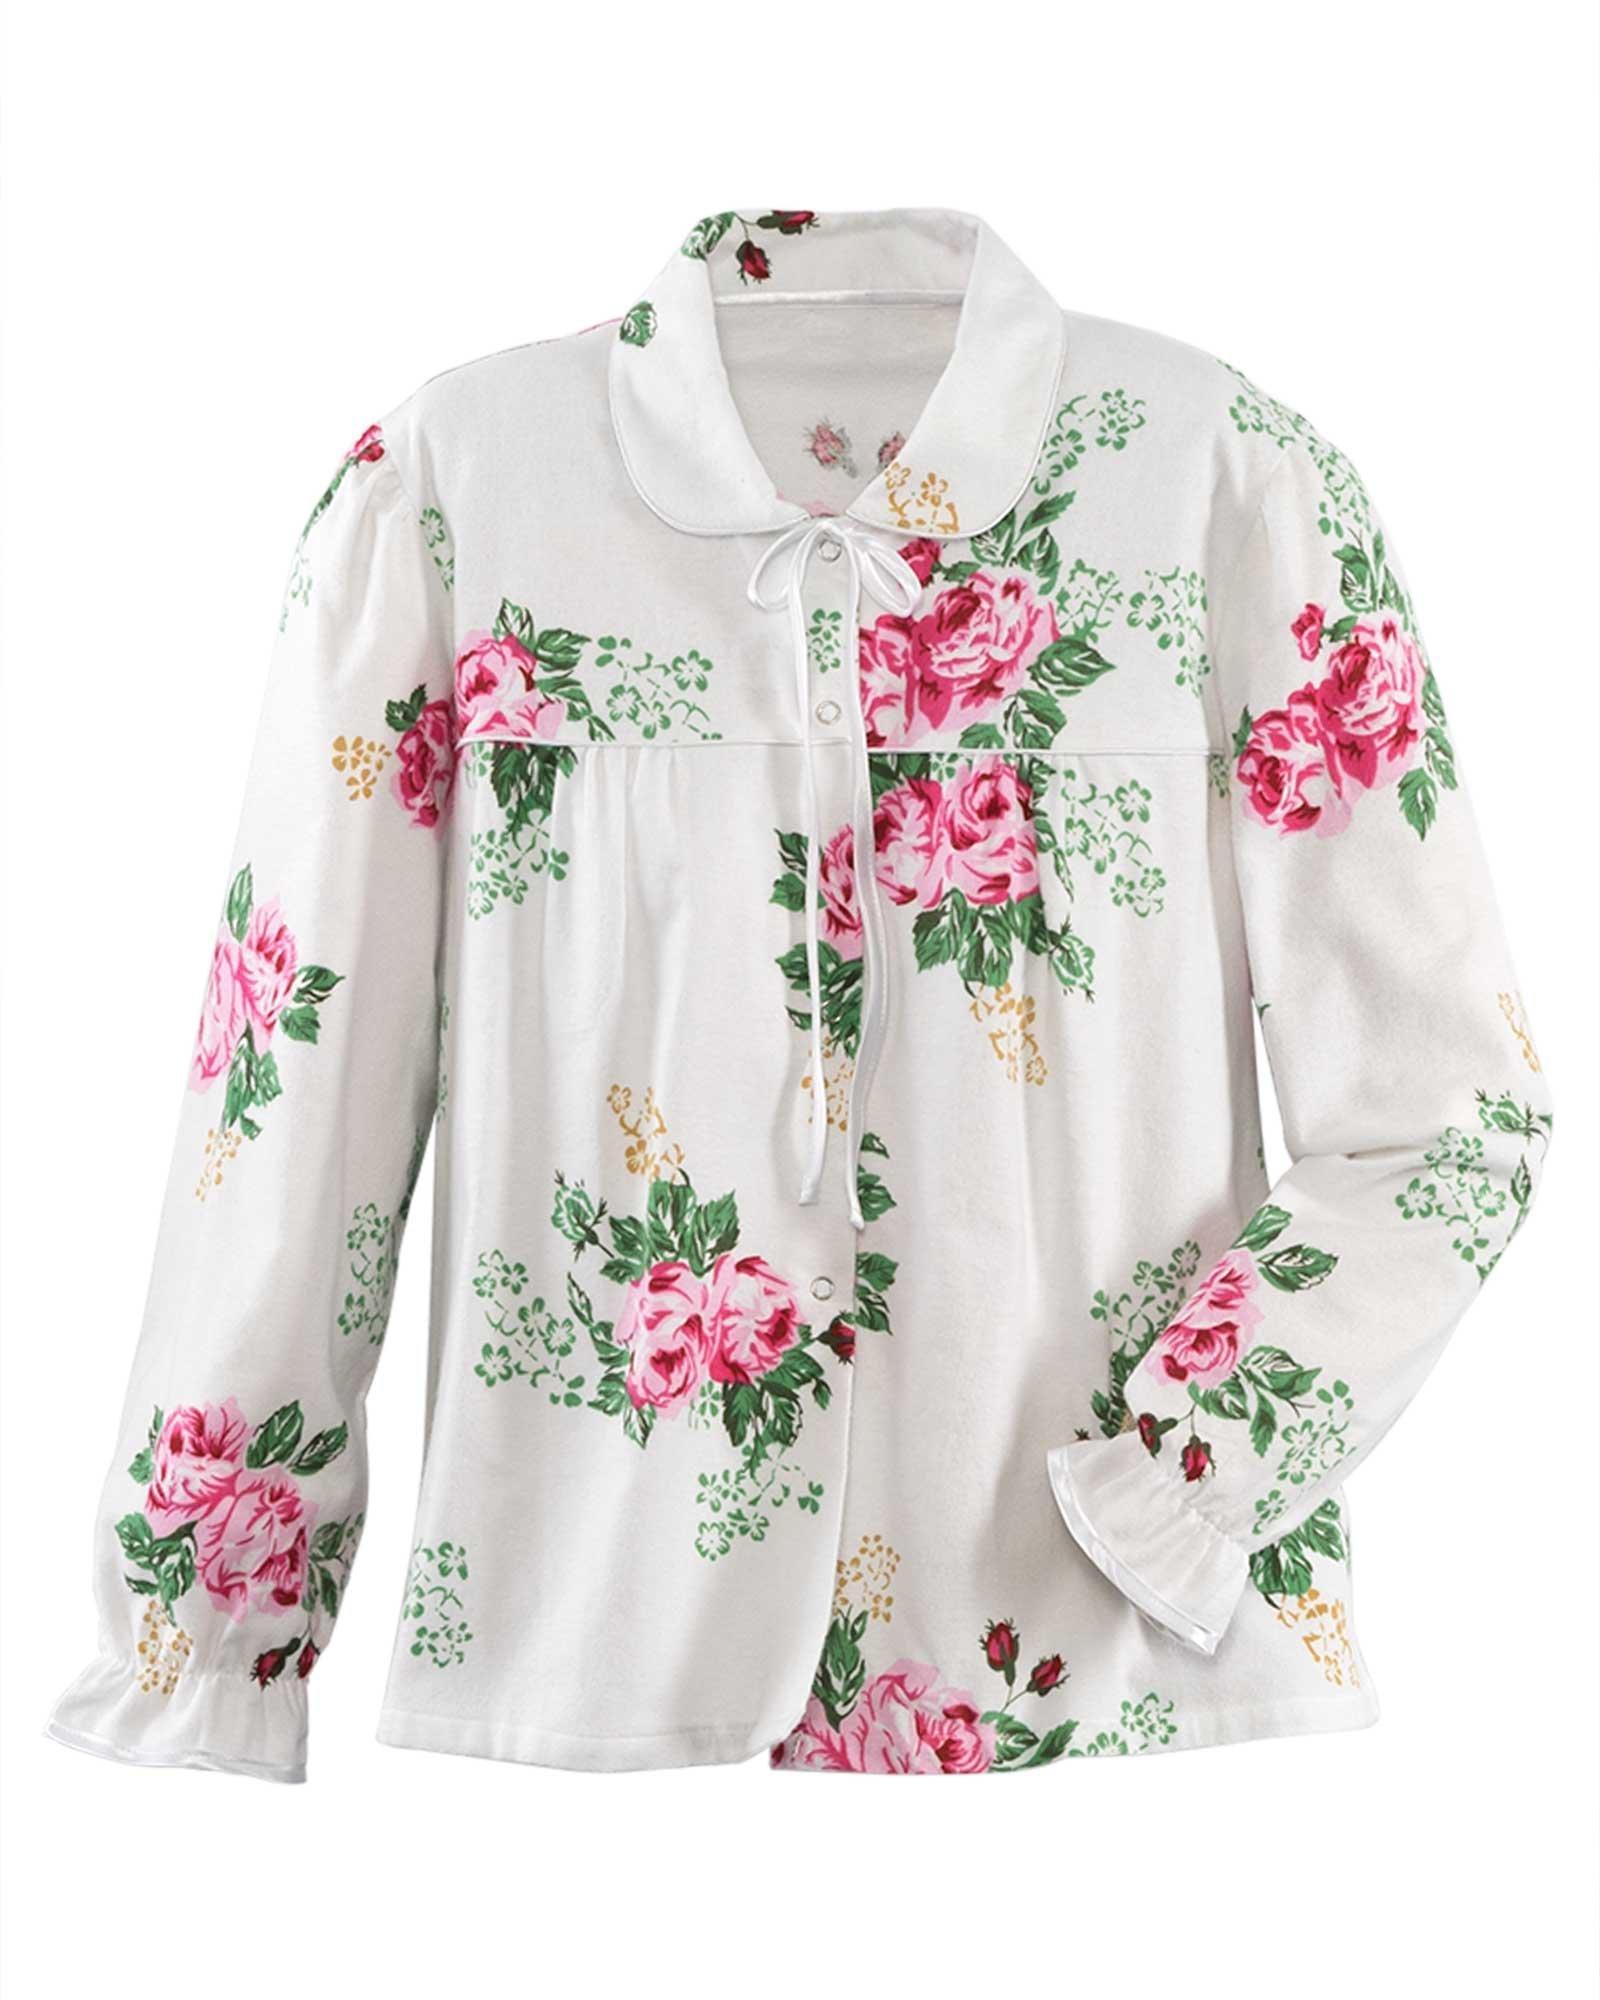 La Cera Flannel Bed Jacket, Rose Print, 2X